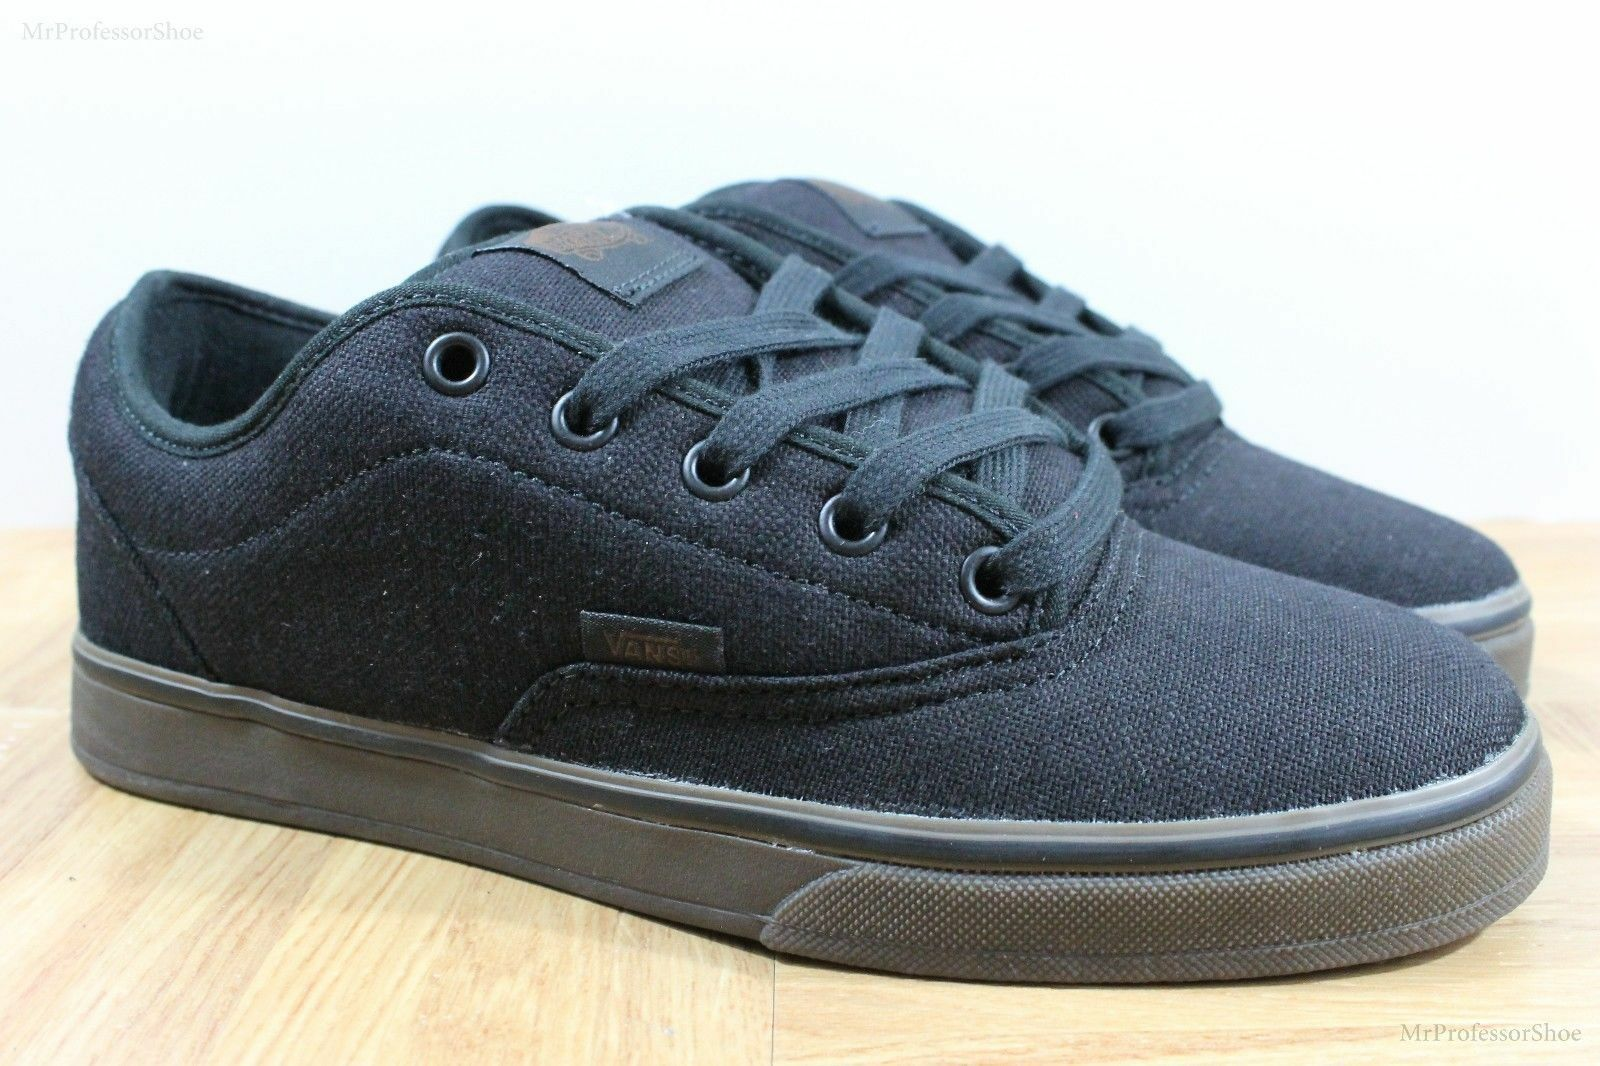 VANS AV Skate Era 1.5 Black/Gum Classic Skate AV Shoes MEN'S 7 WOMEN'S 8.5 9d137f